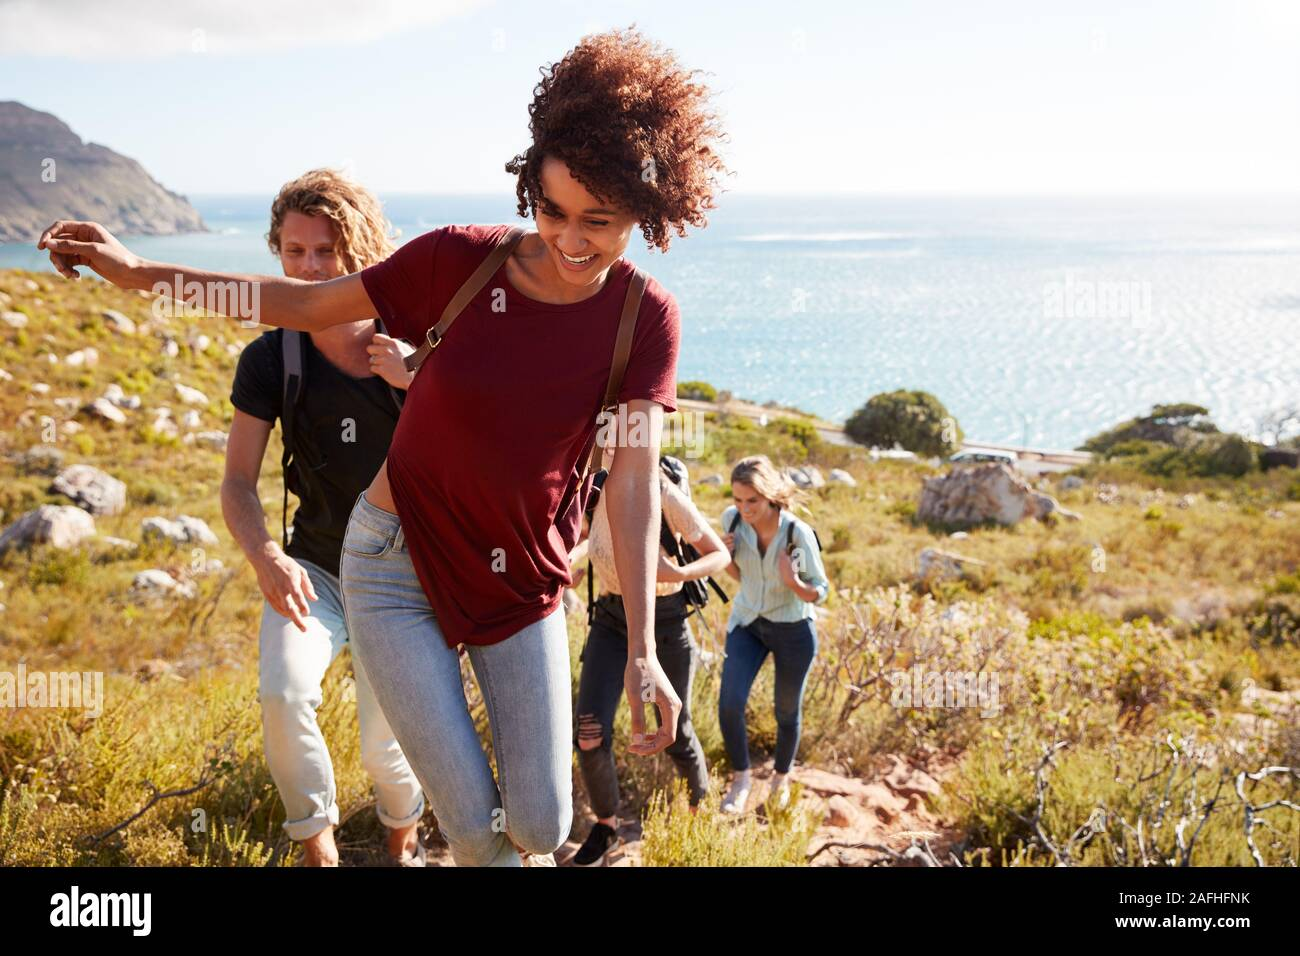 La milenaria Afroamericana principales amigos una caminata cuesta arriba por la costa, cerrar Foto de stock